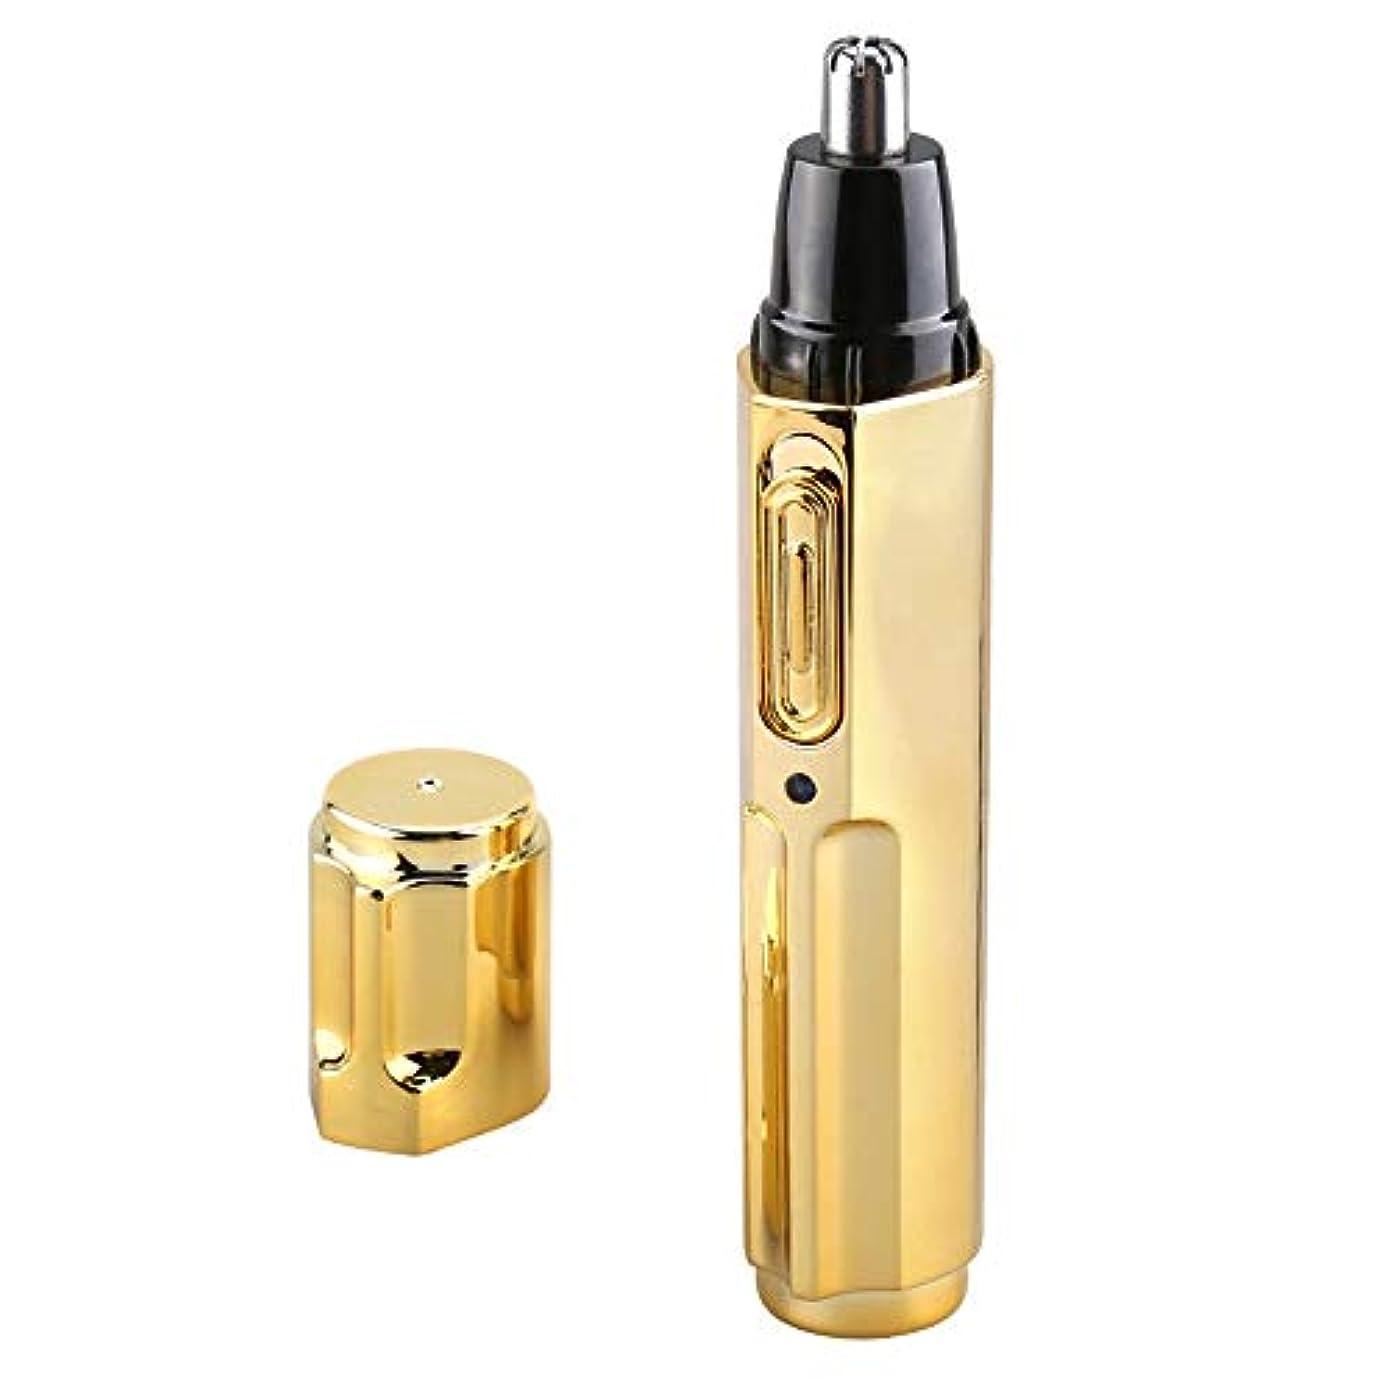 スーツケース期限準拠鼻毛トリマー/充電式電動鼻毛トリマー/鼻孔クリーナー/ 13 * 2.8cm 持つ価値があります